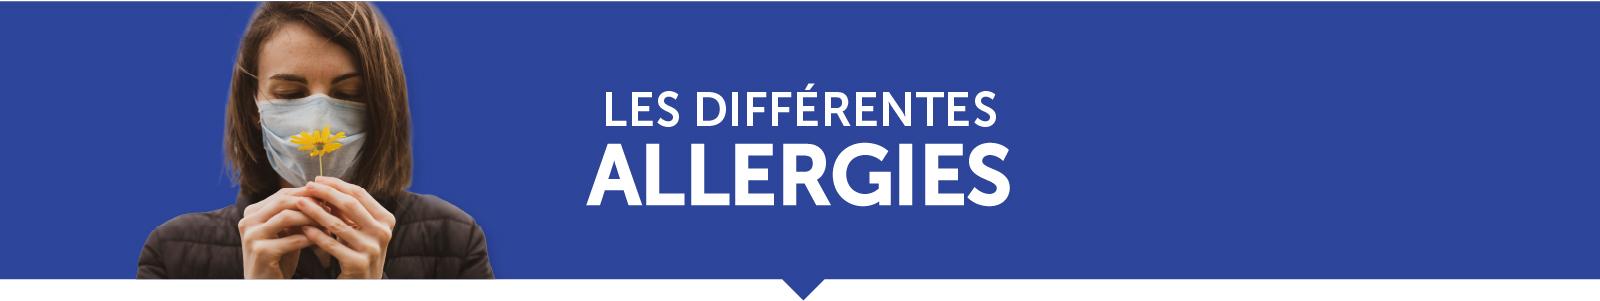 Les différentes allergies